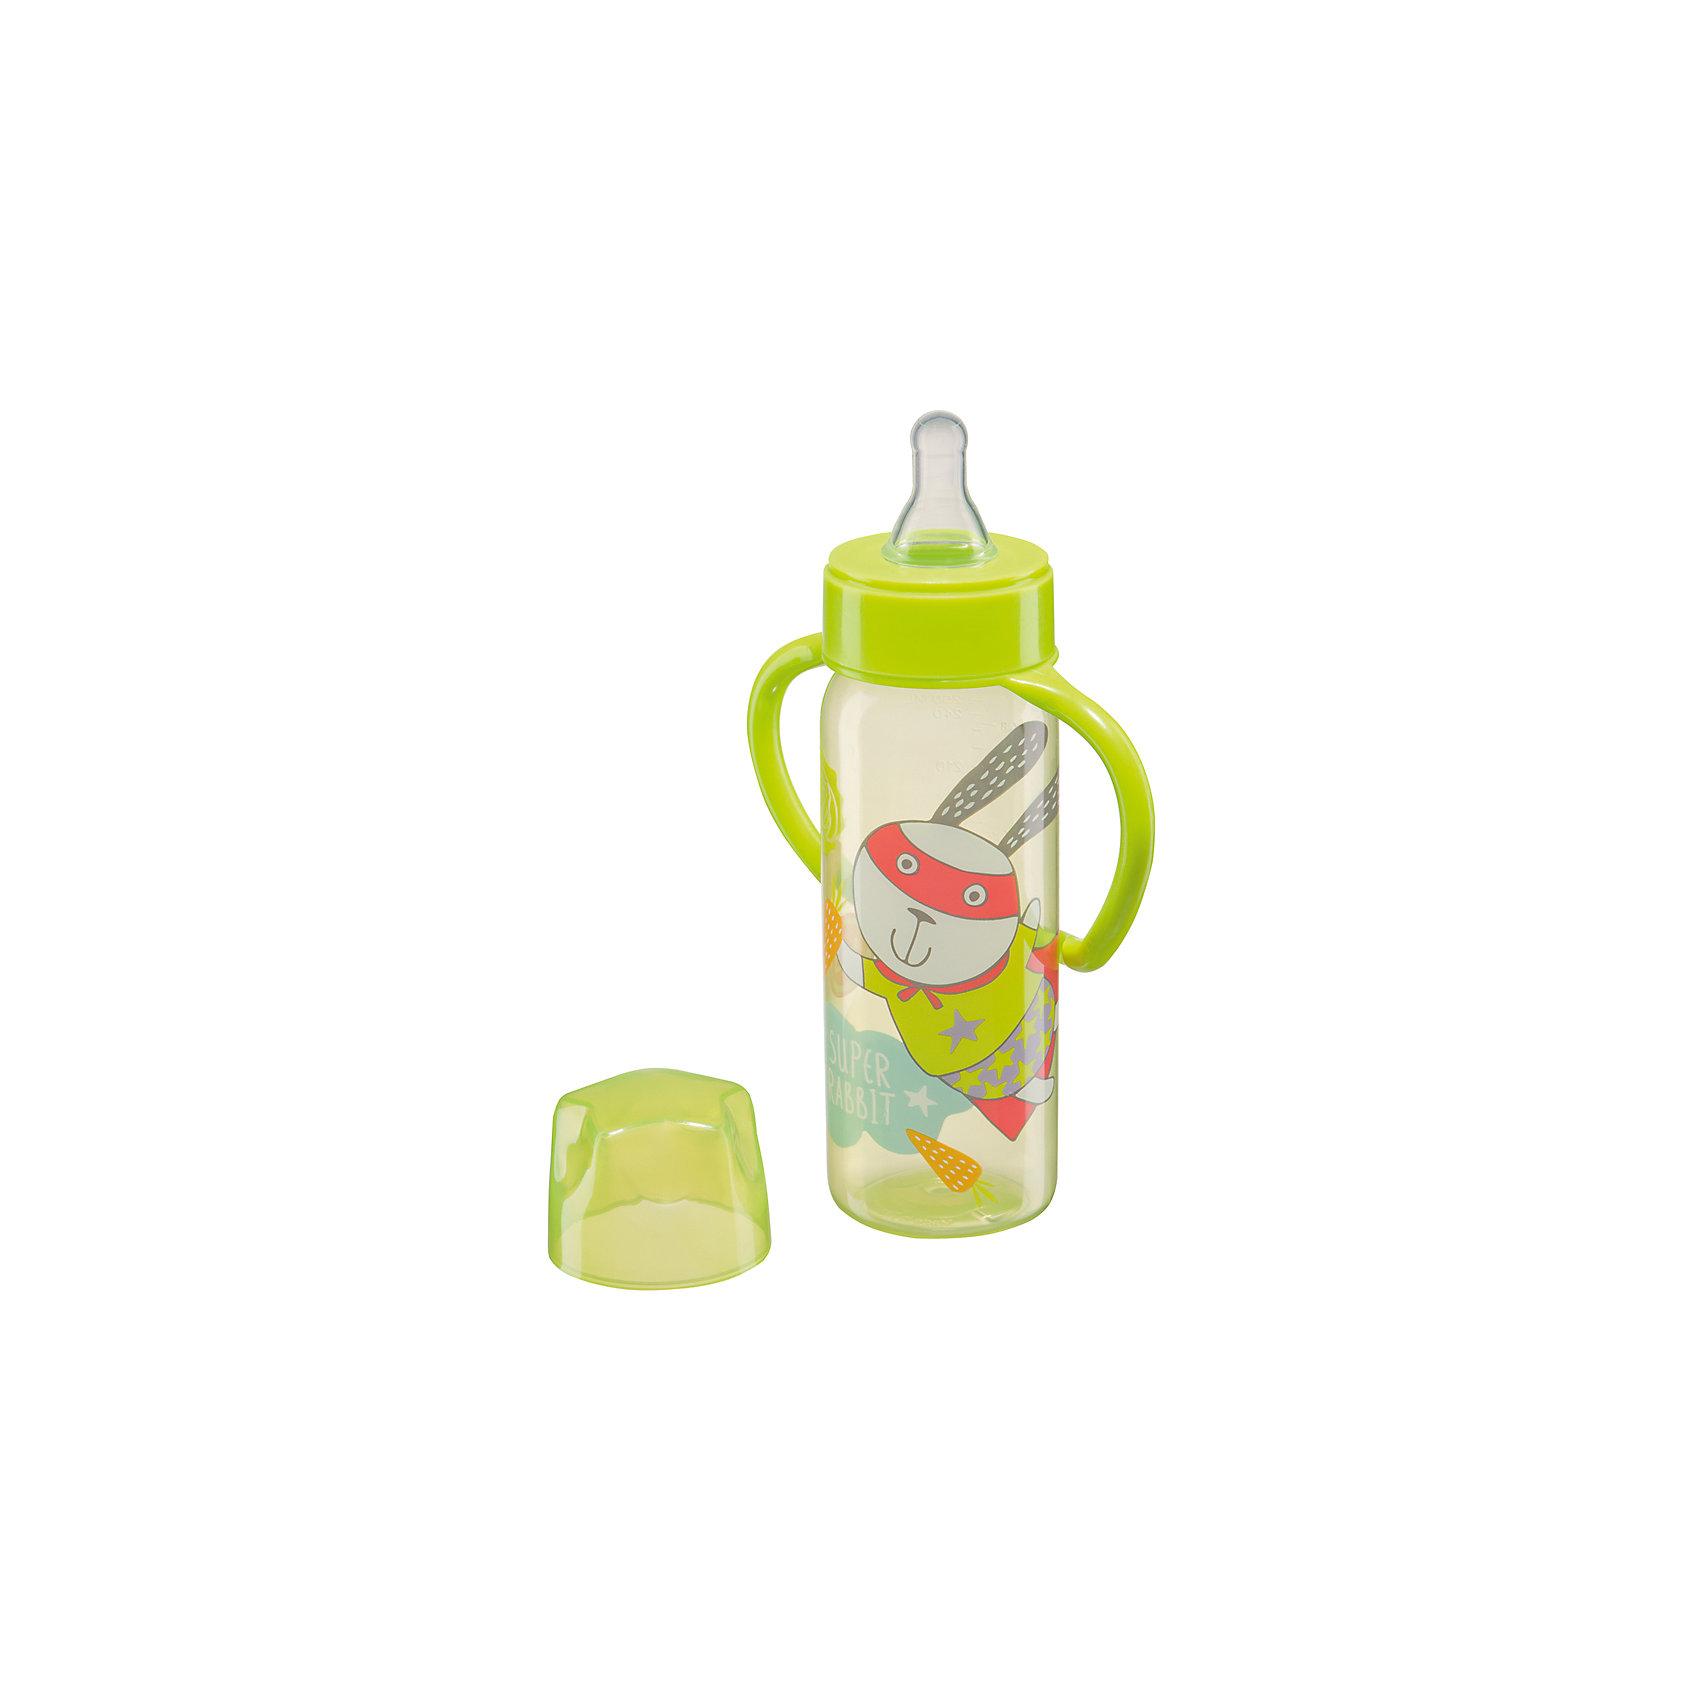 Бутылочка для кормления с ручками, 250 мл, Happy Baby, лаймБутылочка 250 мл,  Happy Baby лайм имеет классическую форму с ручками, благодаря которым малыш научится самостоятельно пить из бутылочки и быстрее привыкнет к чашке. Сделана из прозрачного ударопрочного пластика, устойчивого к прогреванию. Широкое горлышко поильника позволяет легко заполнять его и чистить, а мерная шкала поильника позволяет контролировать количество жидкости, выпитой ребенком.<br><br>Дополнительная информация:<br><br>- эргономичные ручки<br>- герметичная крышка<br>- ручки легко снимаются<br>- шкала с делениями в 30 мл.<br>- медленный поток<br>- материал: полипропилен, силикон<br>- материал: соски : силикон<br>- объем бутылочки: 250 мл.<br><br>Бутылочку для кормления с ручками, 250 мл, Happy Baby, лайм можно купить в нашем интернет-магазине.<br><br>Ширина мм: 65<br>Глубина мм: 120<br>Высота мм: 275<br>Вес г: 75<br>Возраст от месяцев: 0<br>Возраст до месяцев: 12<br>Пол: Унисекс<br>Возраст: Детский<br>SKU: 4696781